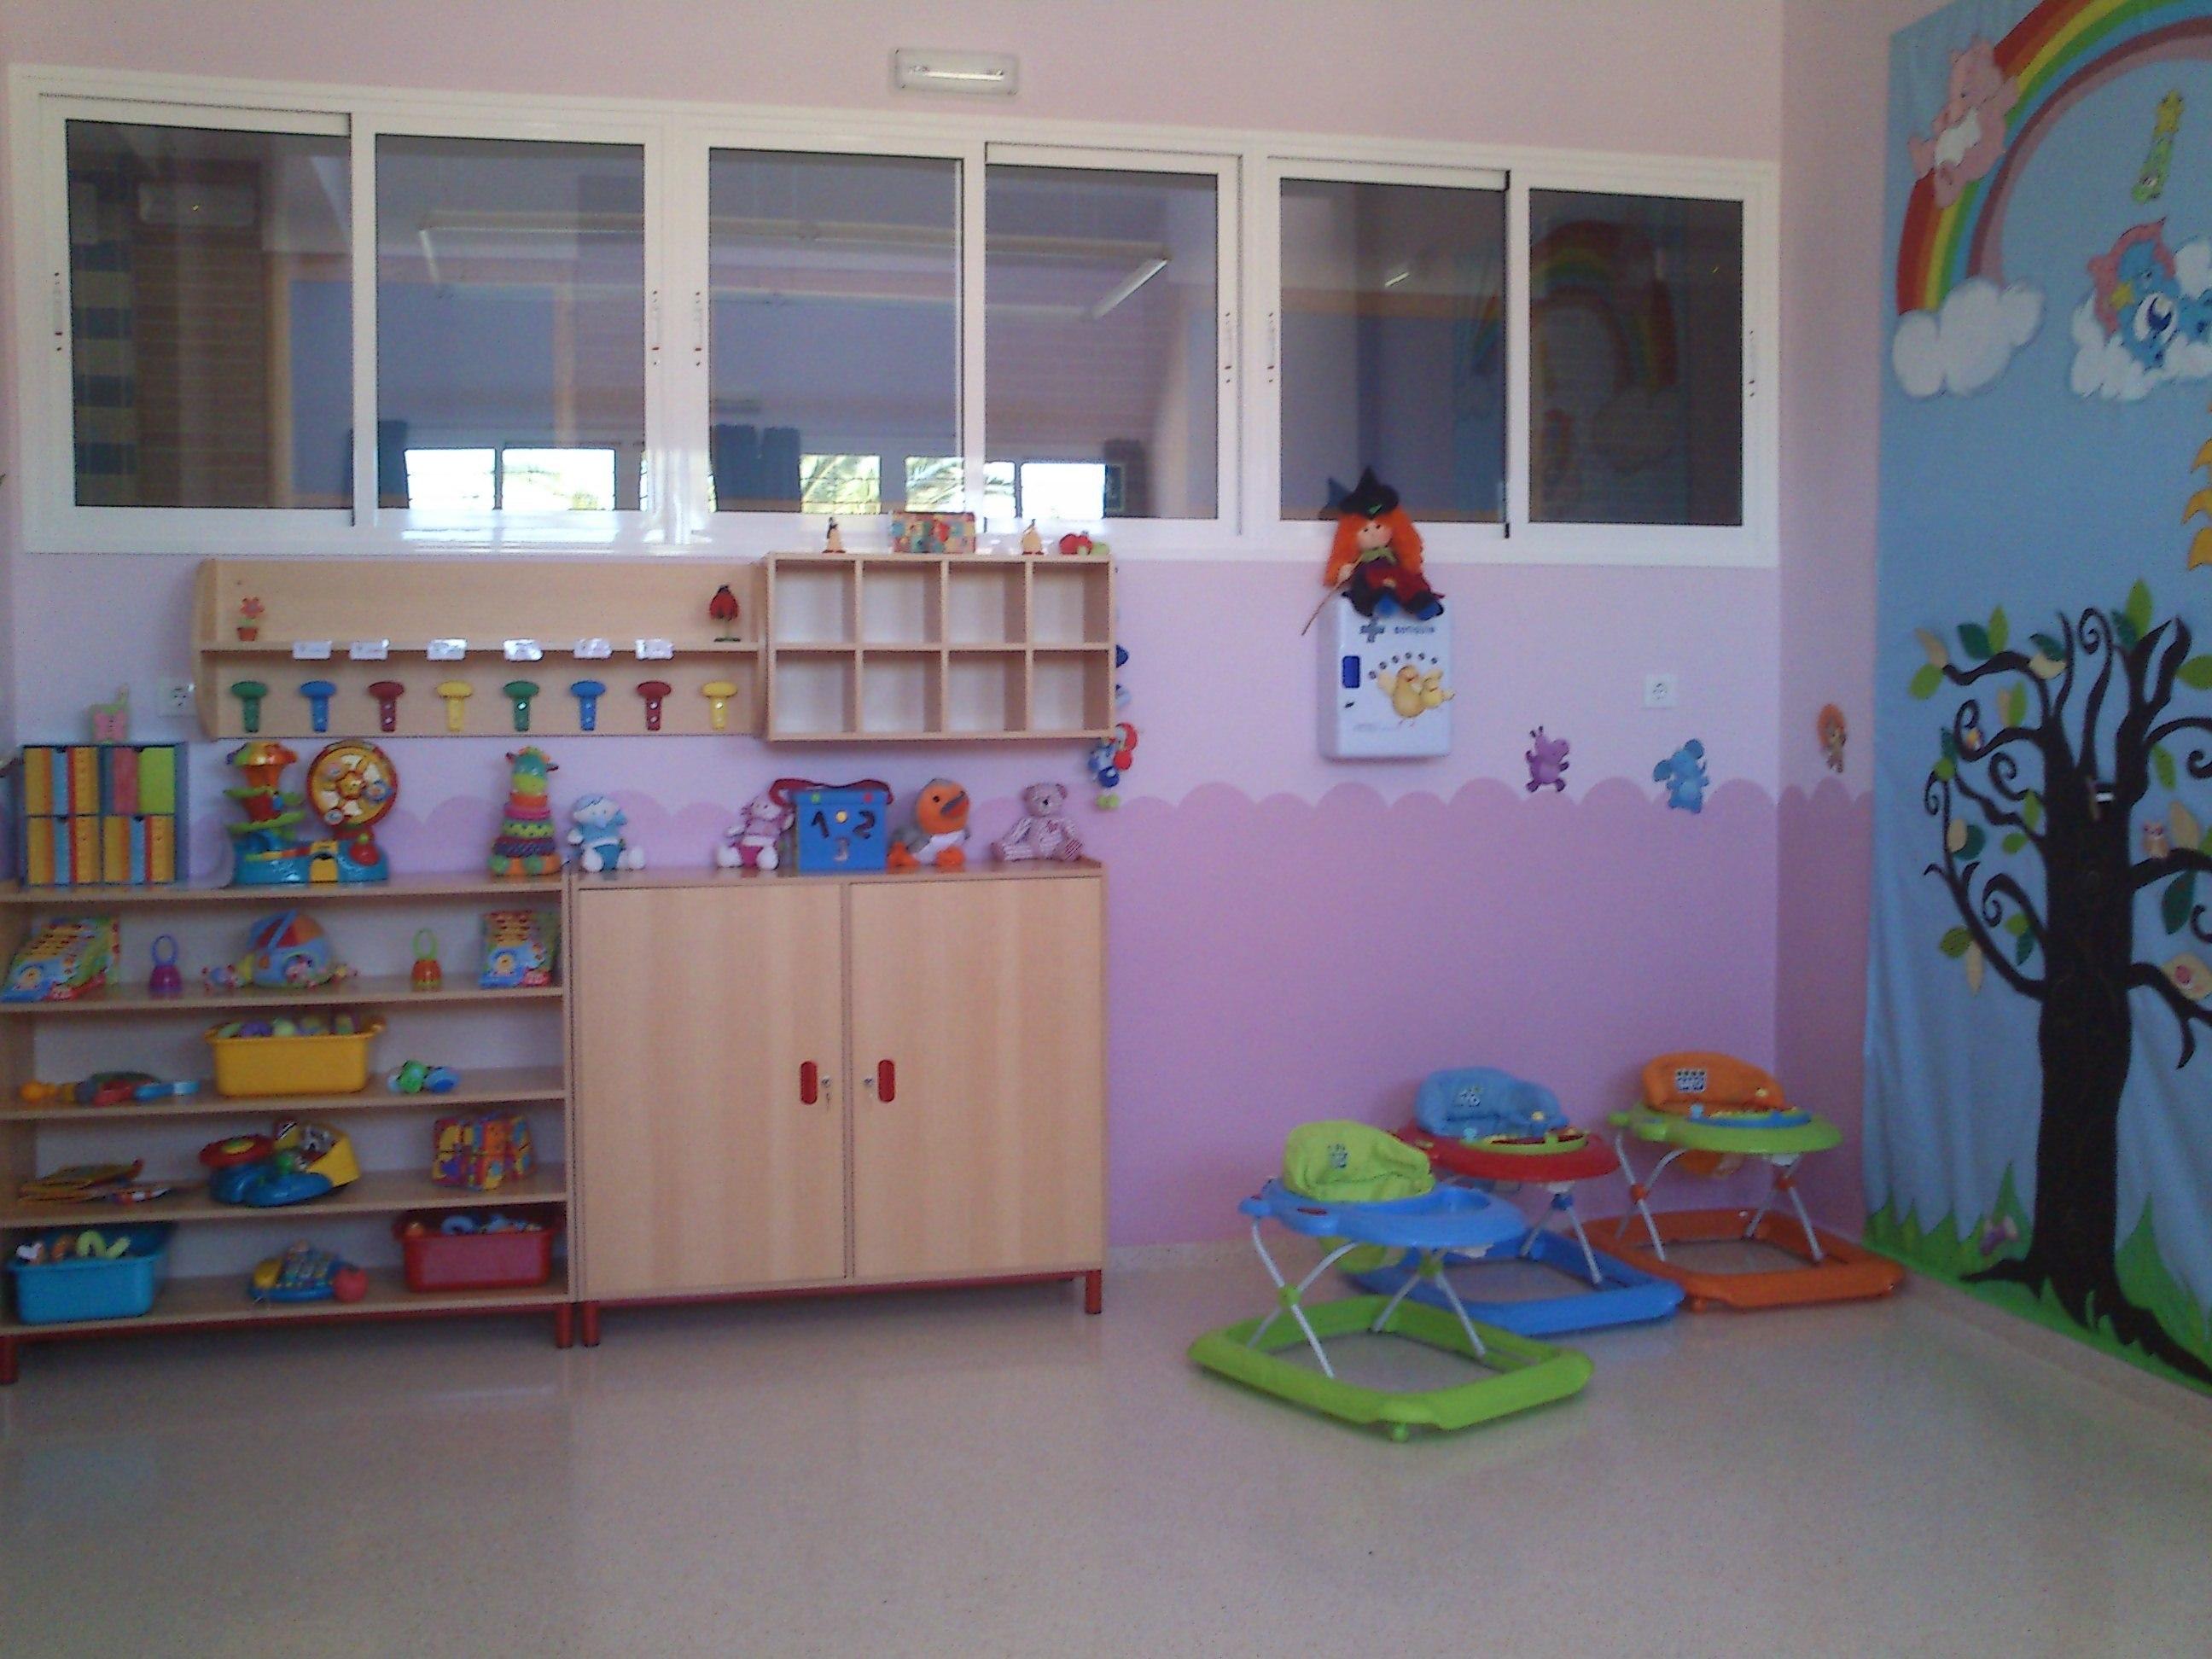 Escuela infantil Campanilla – desdearahal